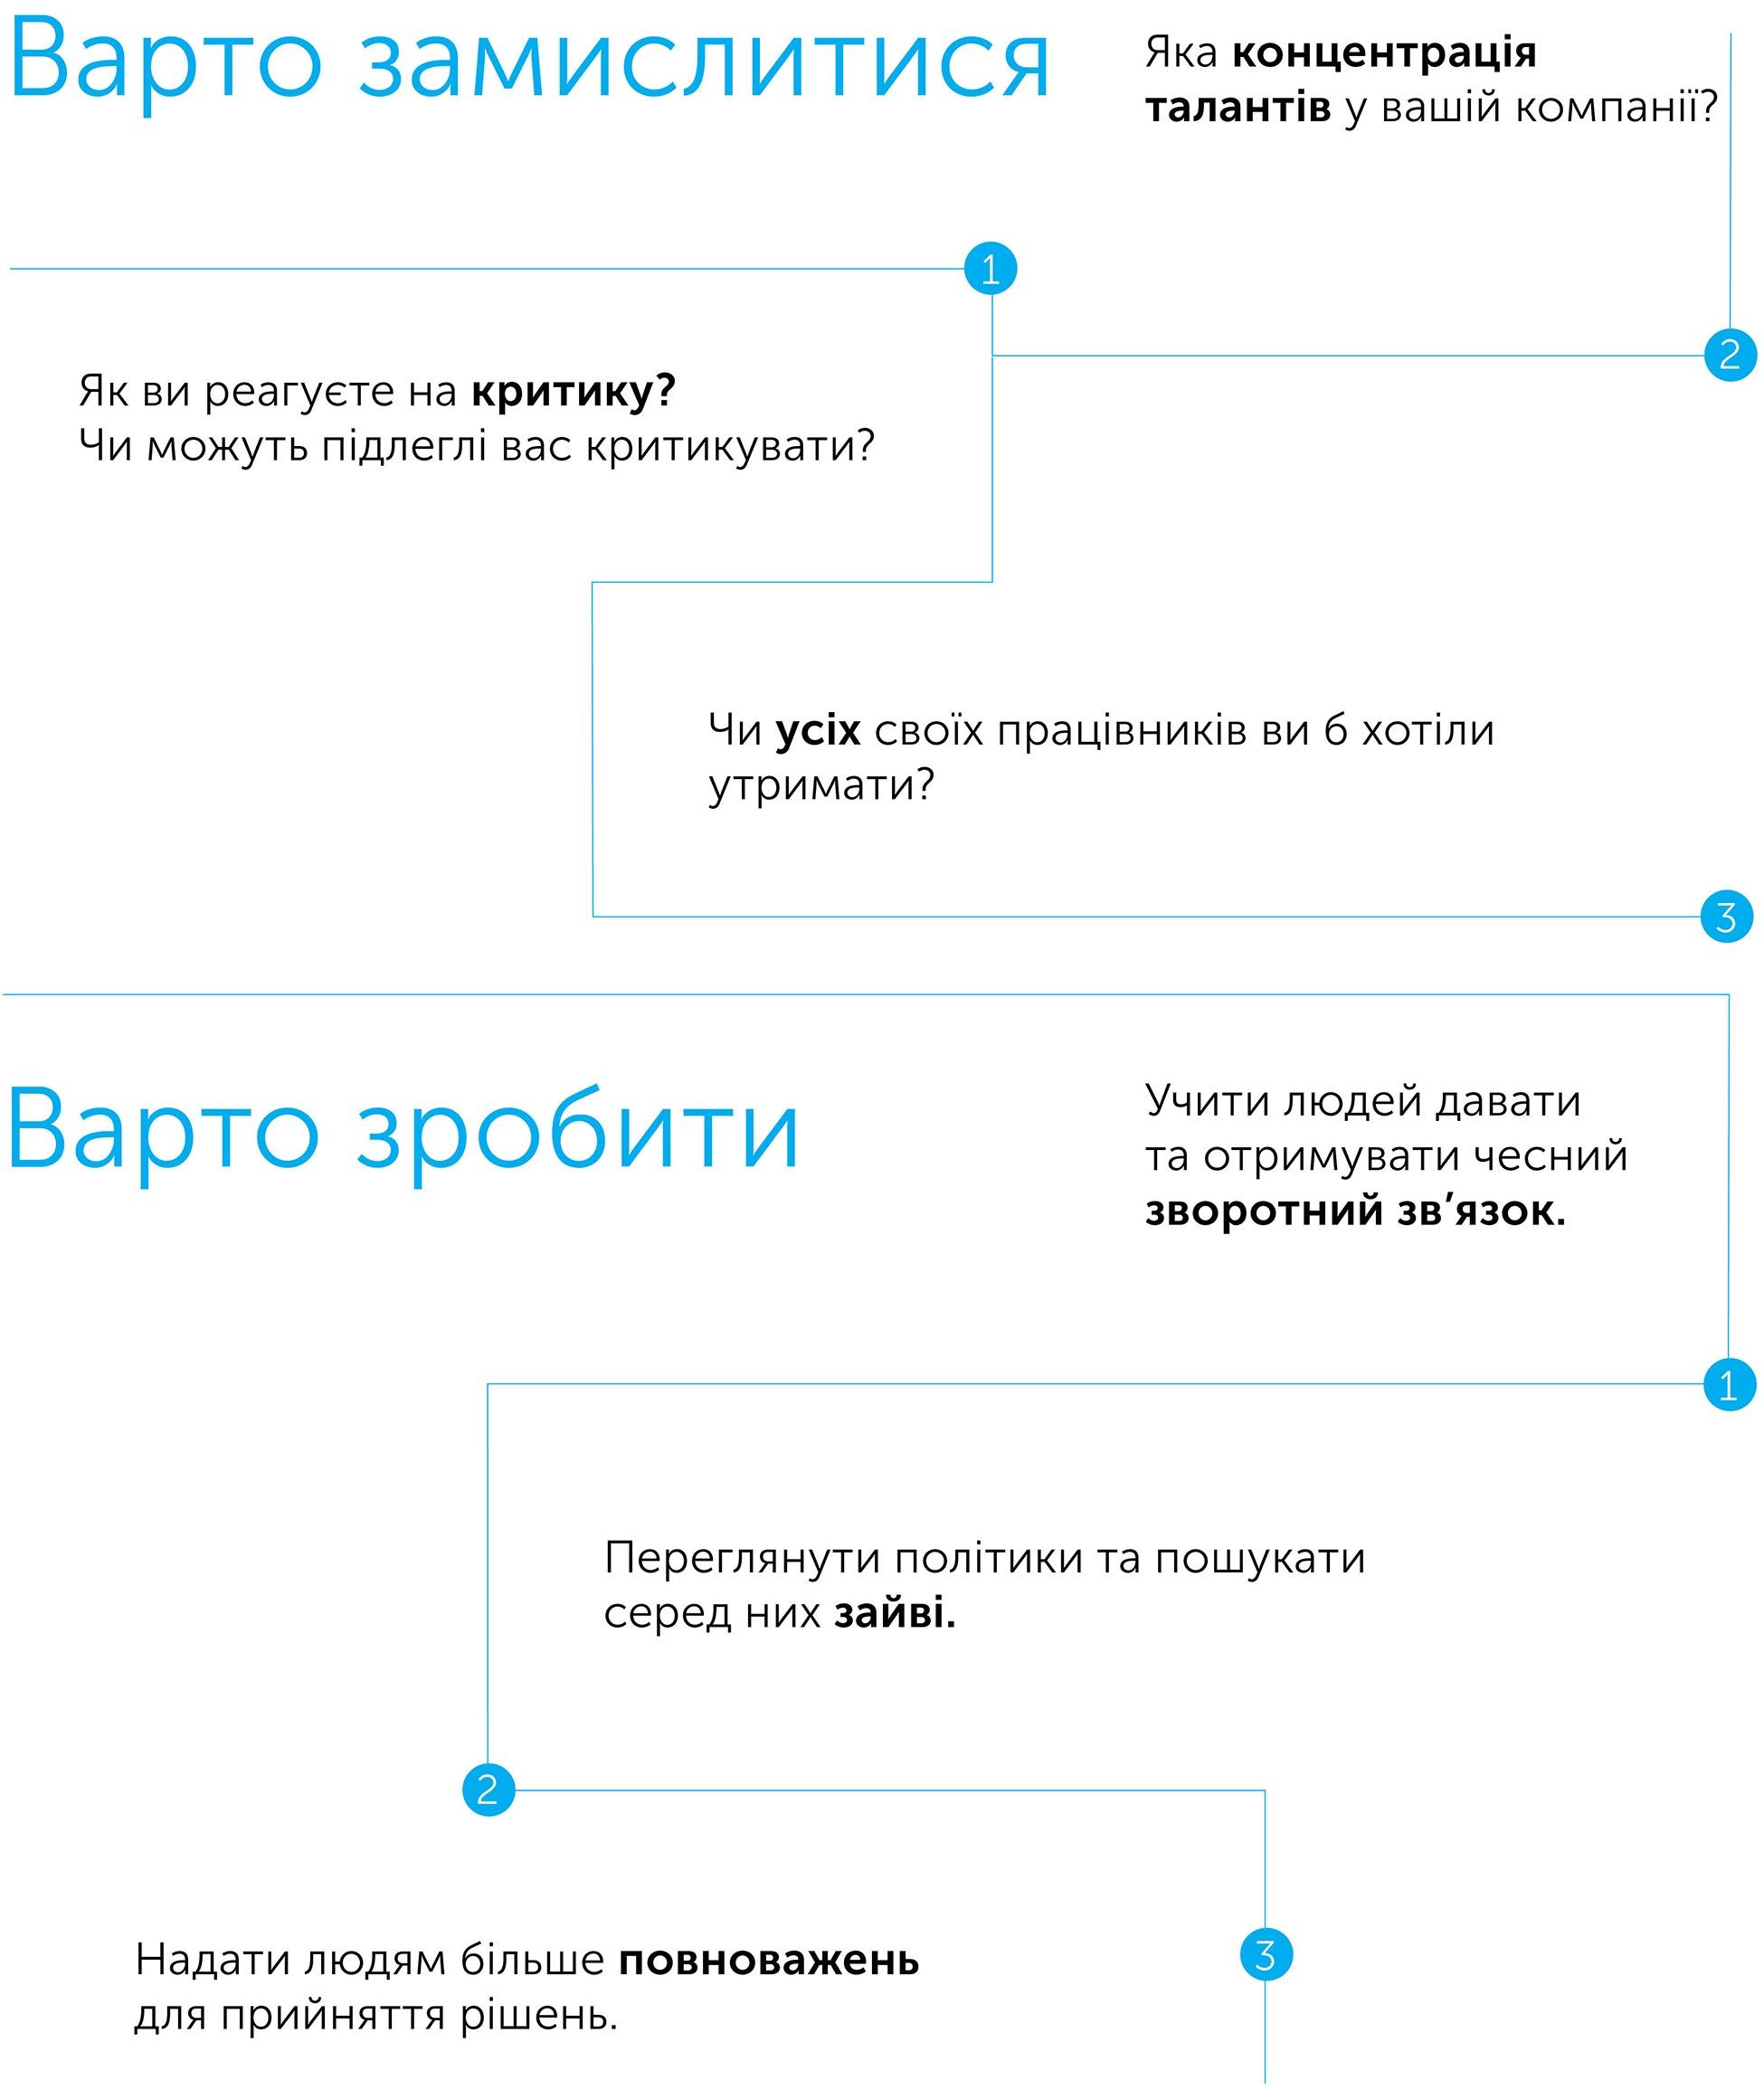 Правило «никаких правил», автор Рид Хастингс | Kyivstar Business Hub, изображение №4